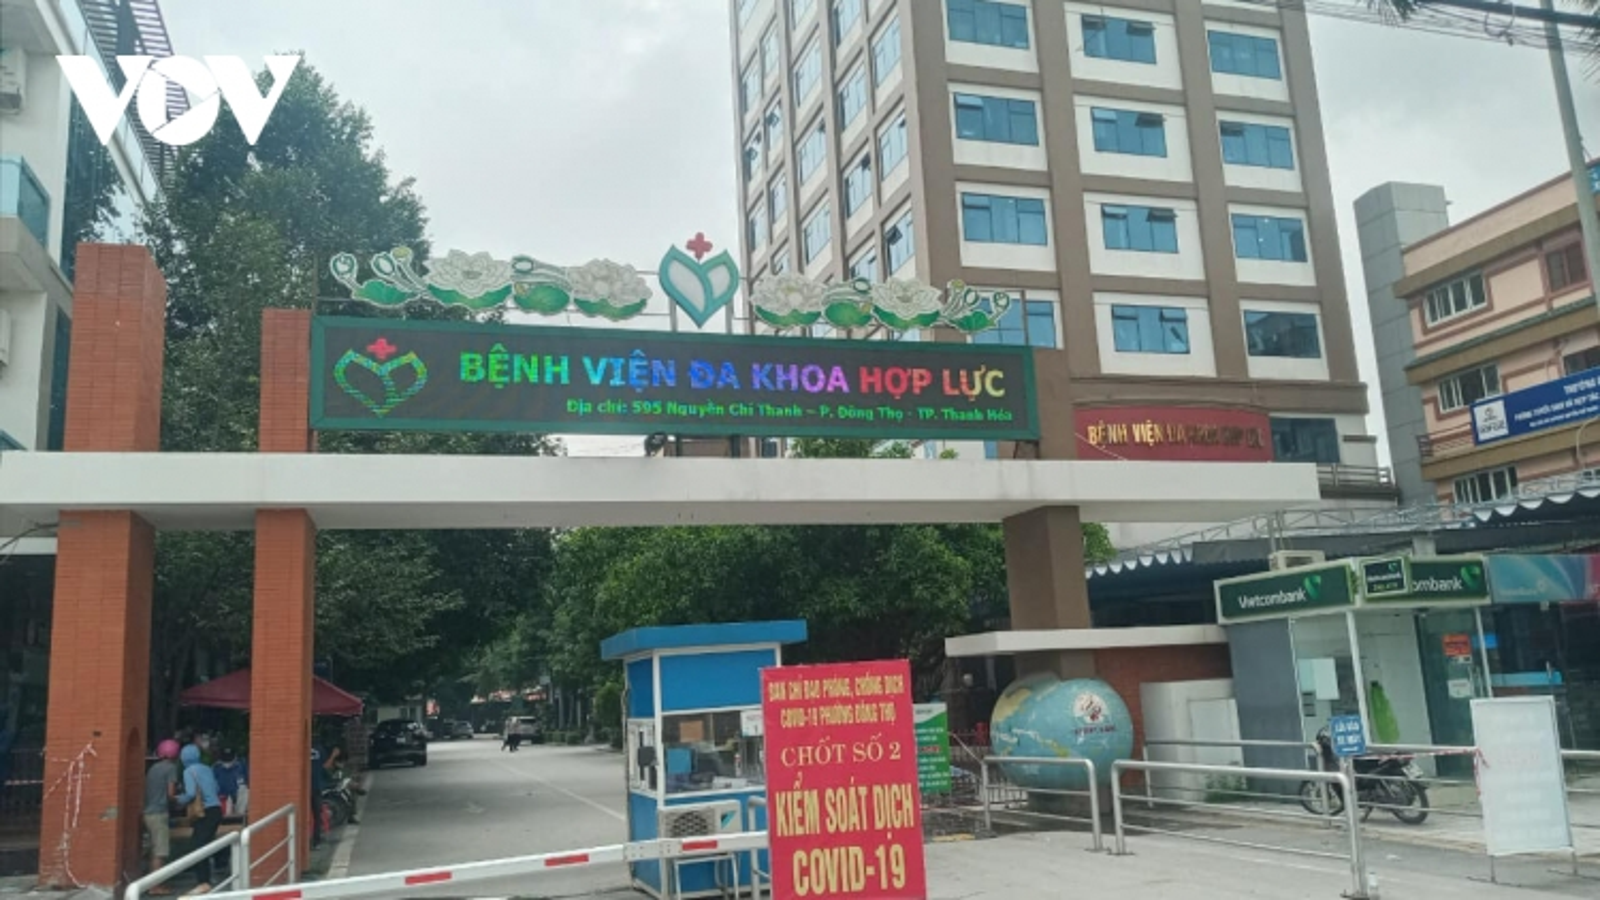 Thanh Hoá: Xuất hiện ổ dịch mới tại Bệnh viện tư có hơn 2.000 cán bộ, nhân viên